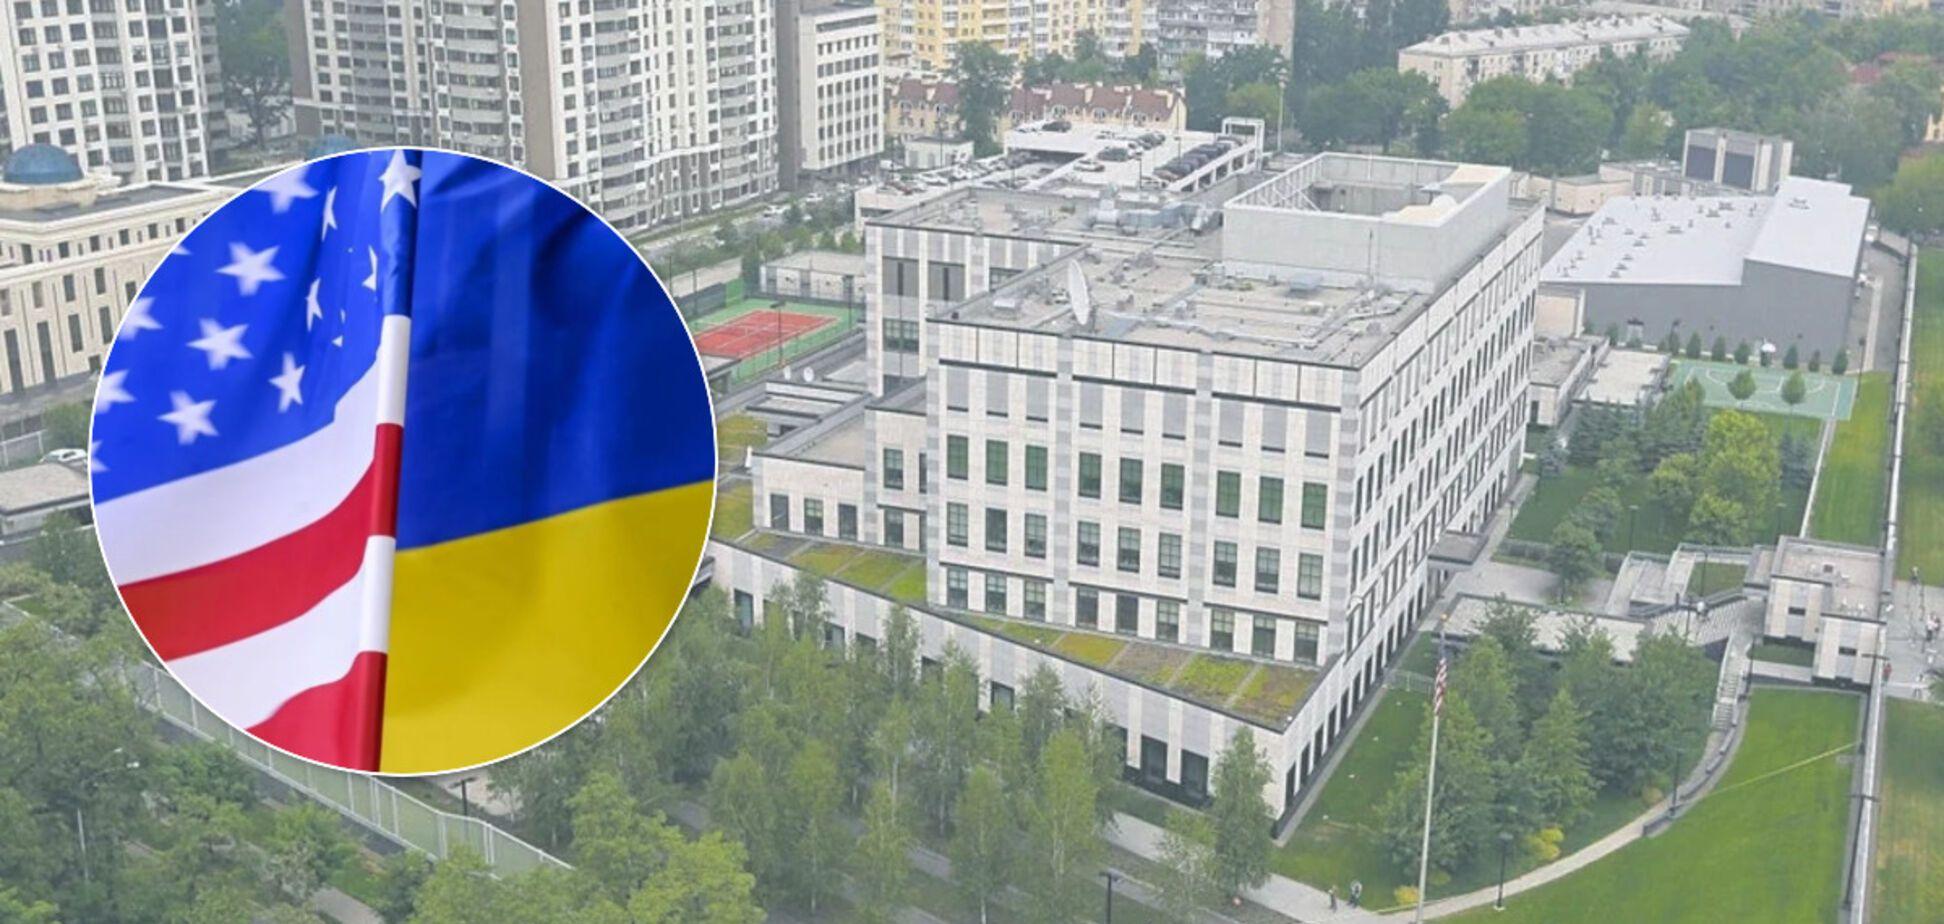 'Лукавий і токсичний сенс': 7 послів засудили спроби втягнути Україну в політпроцеси США